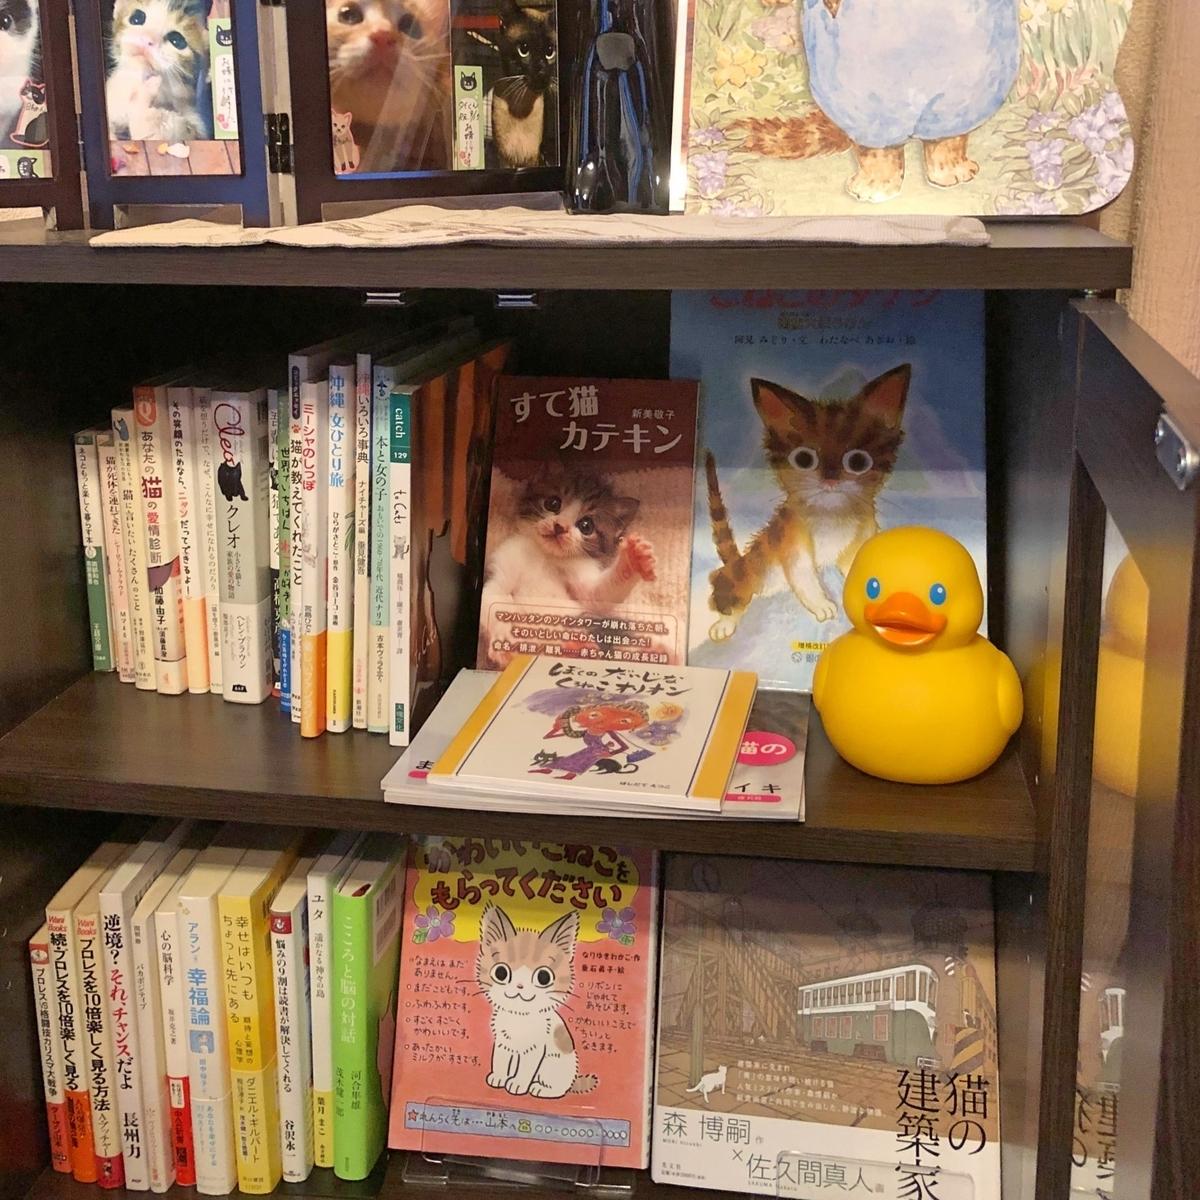 本棚の中のイメージ